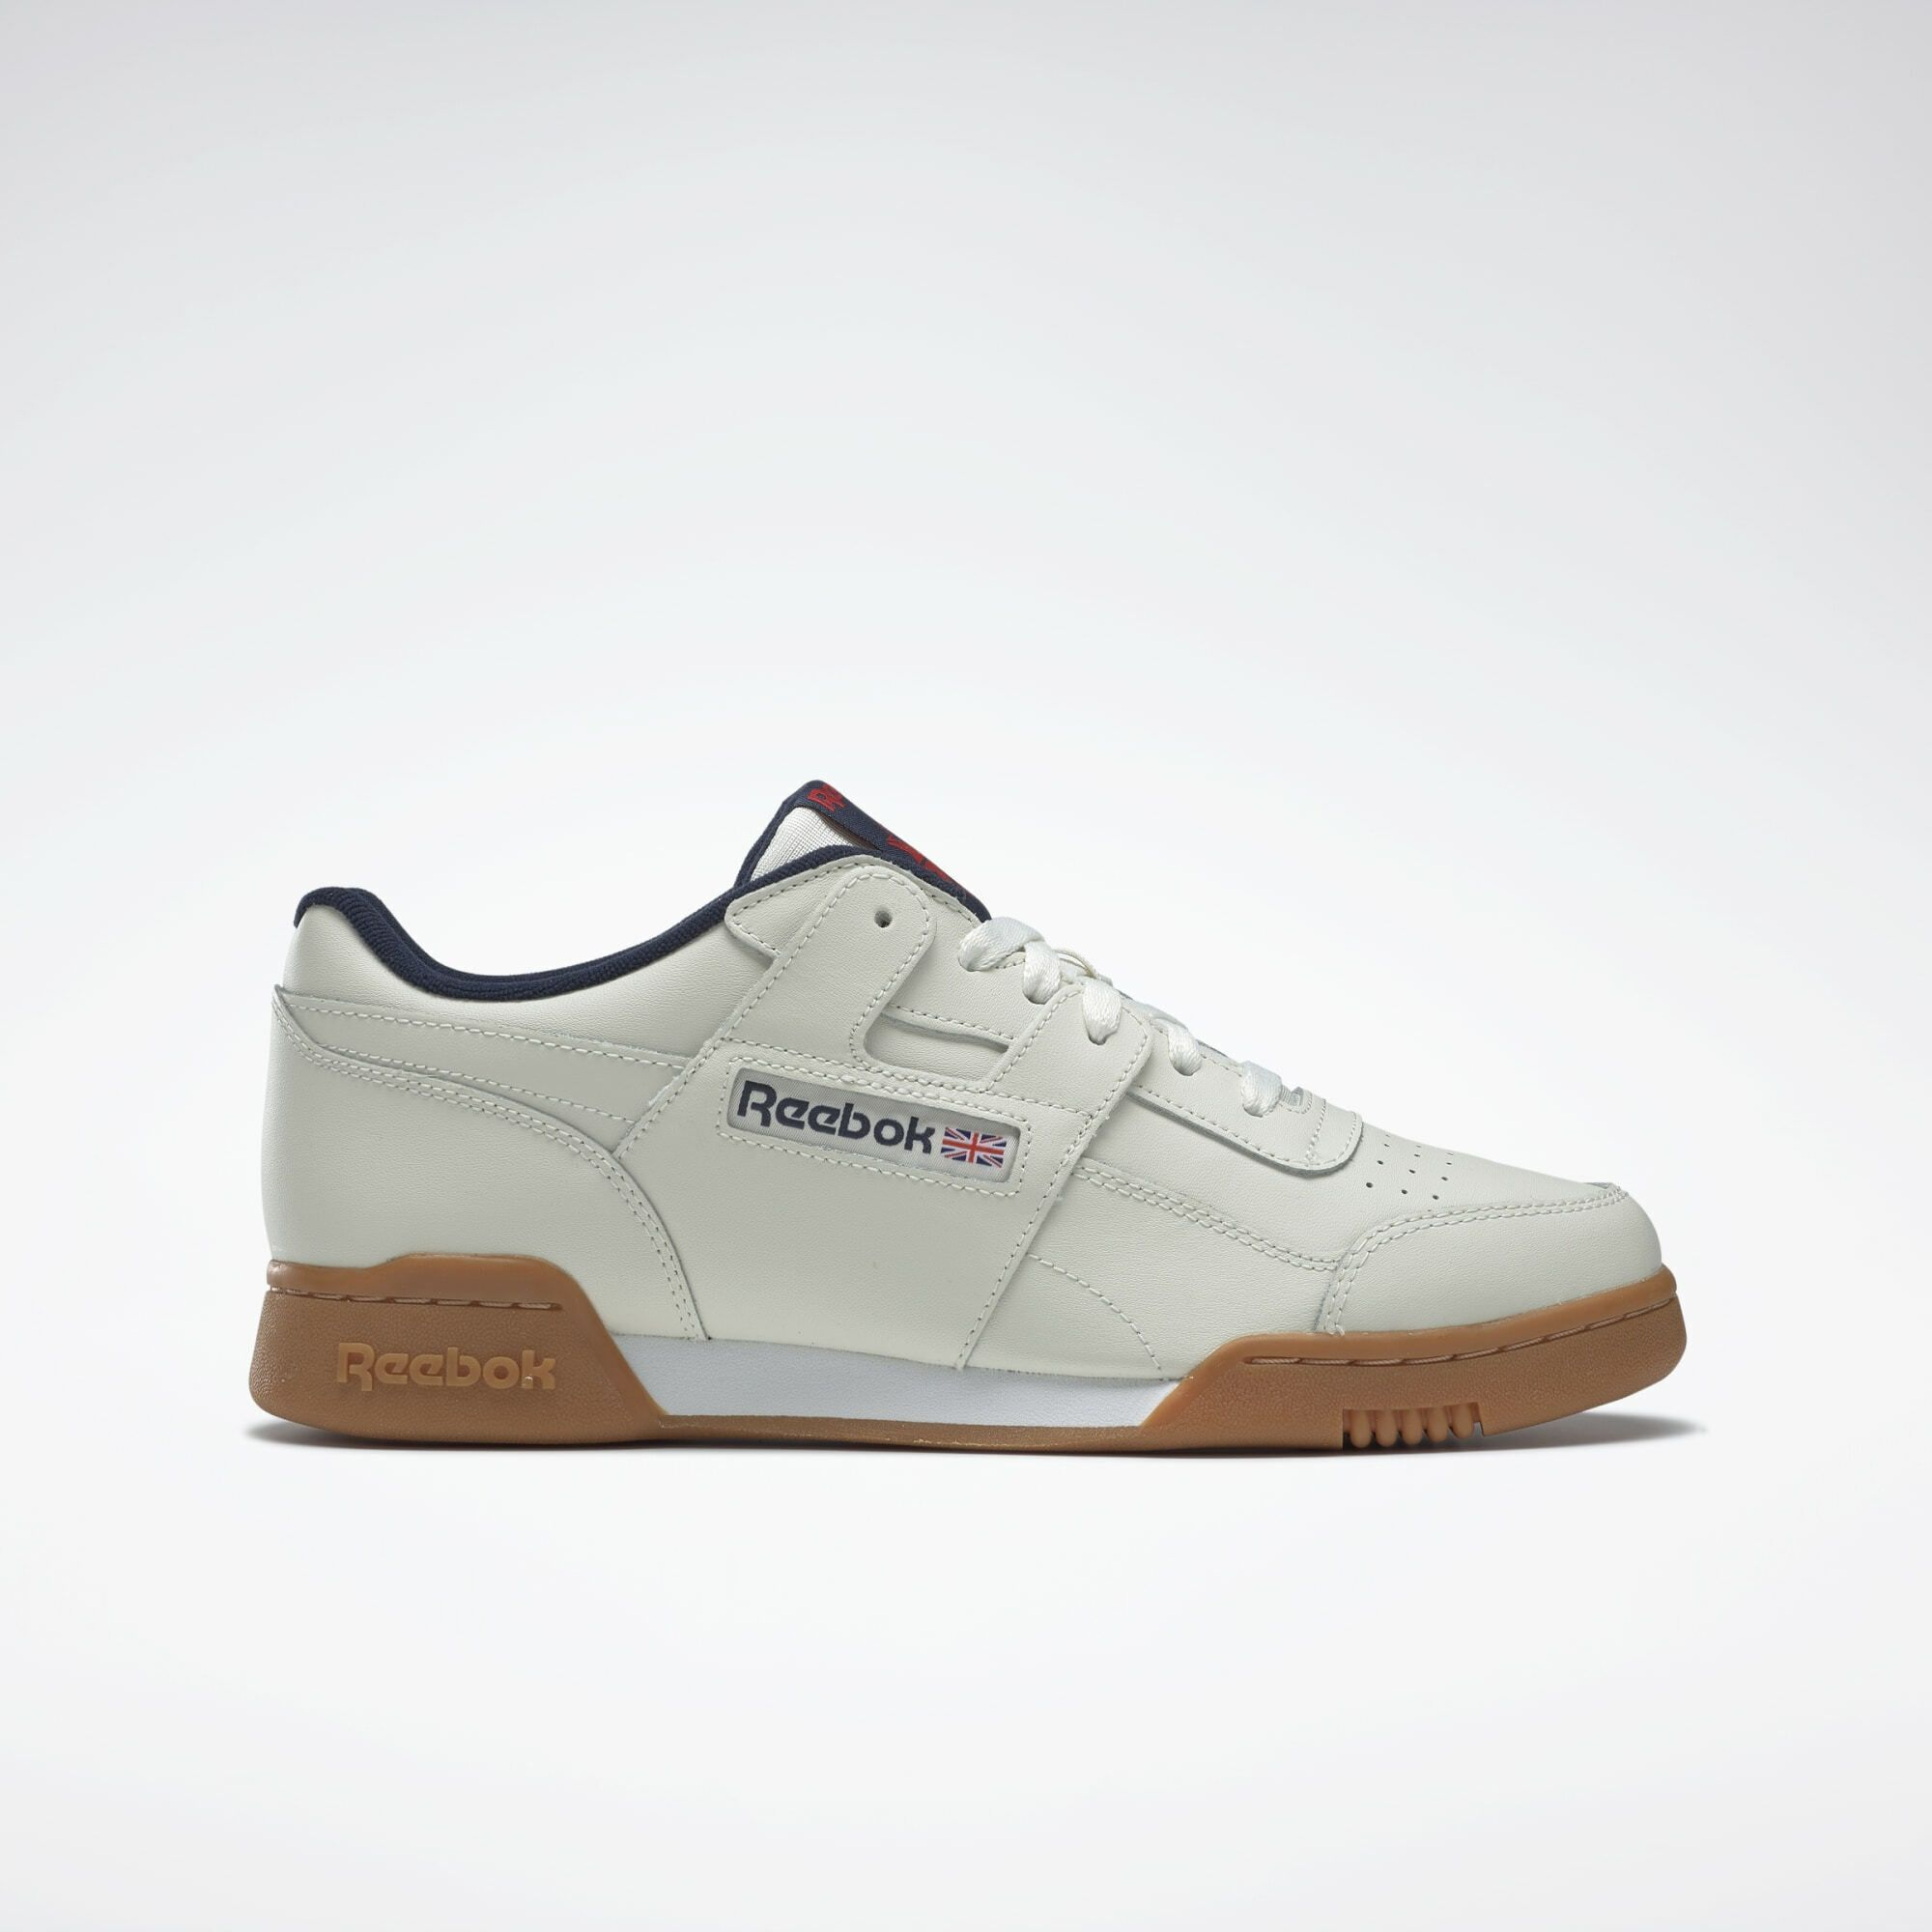 Reebok Classic Sneaker Workout Plus Damen Weiss Grosse 37 5 38 Reebok Classic Reebok Classic Sneakers Reebok Classic Workout